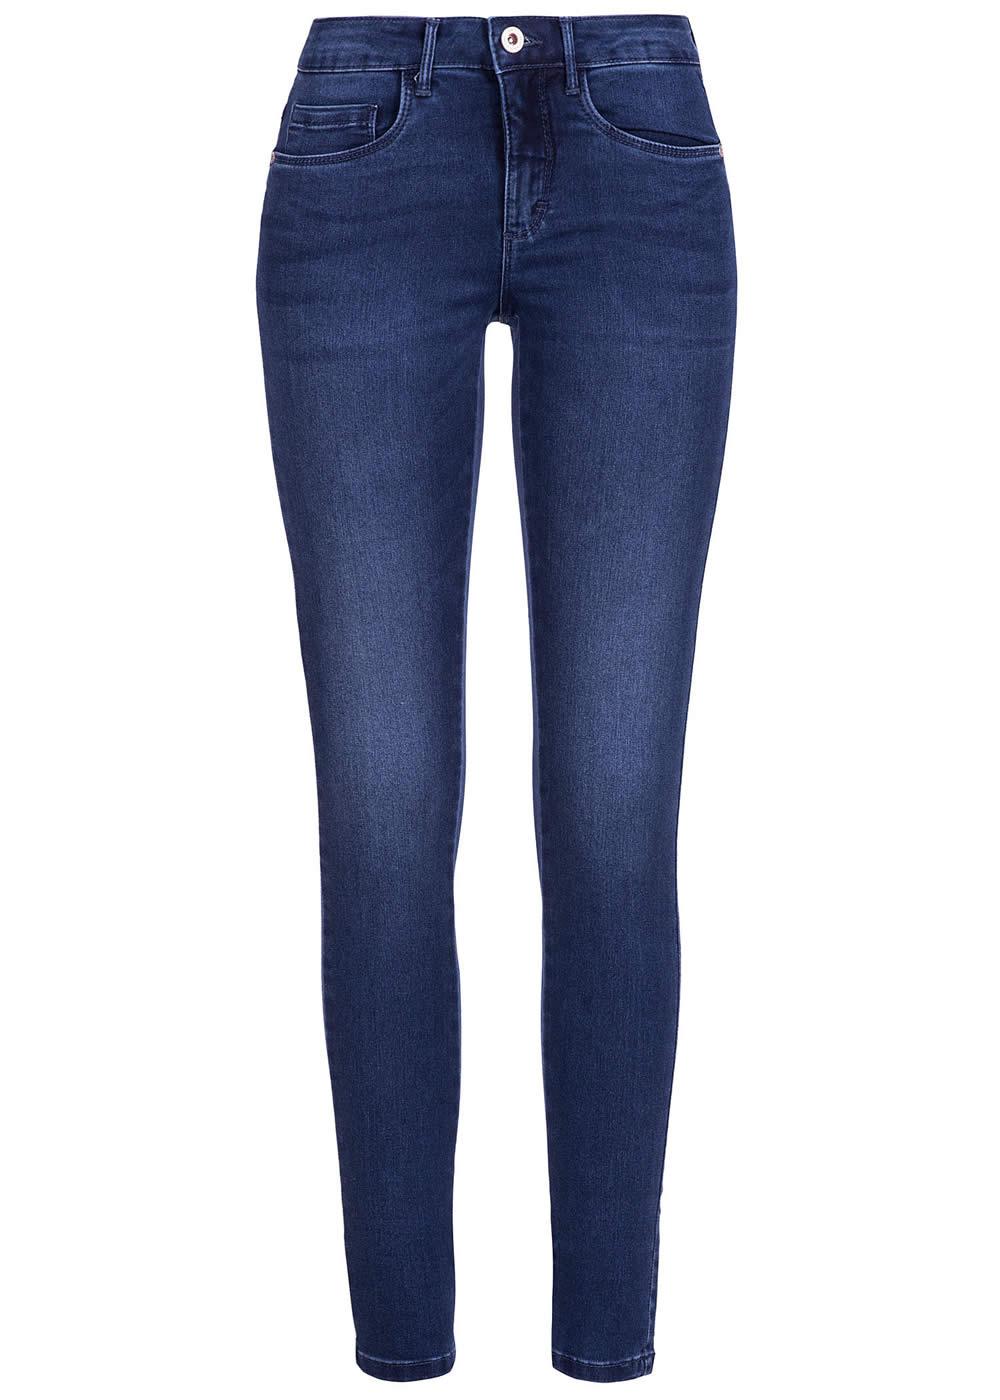 only damen skinny jeans noos 5 pockets stretch medium blau. Black Bedroom Furniture Sets. Home Design Ideas